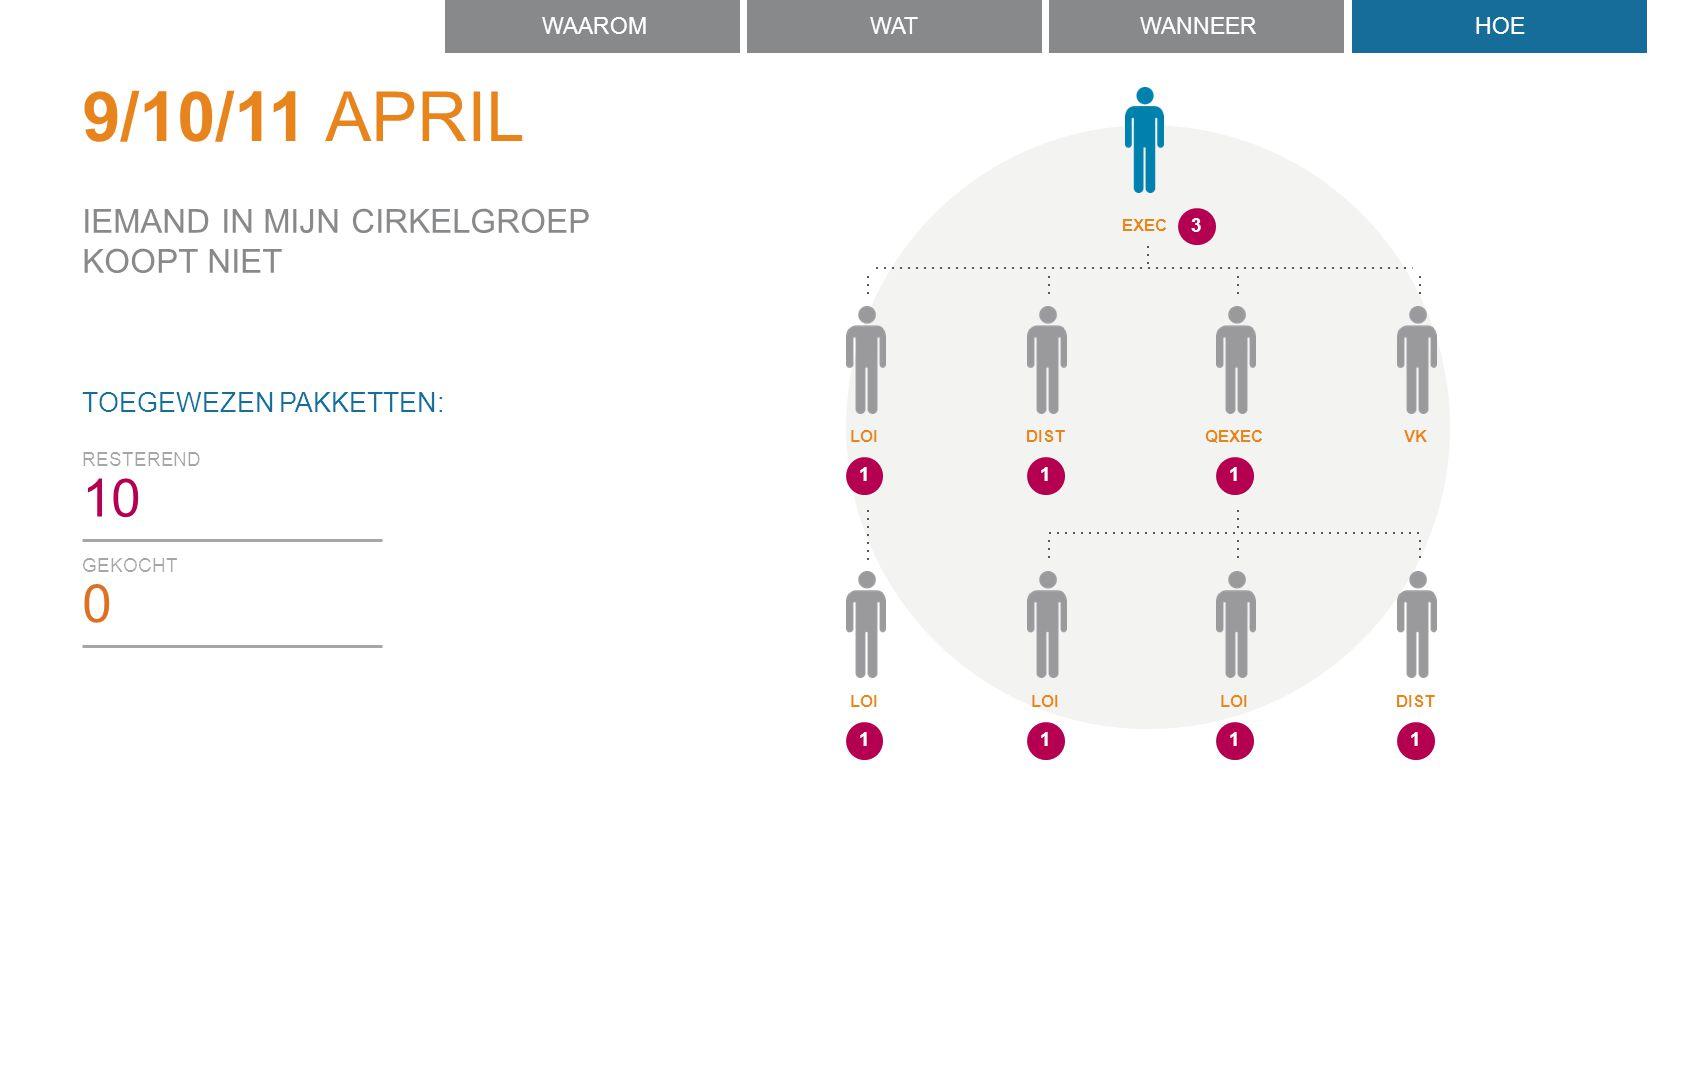 GEKOCHT 0 RESTEREND 10 TOEGEWEZEN PAKKETTEN: IEMAND IN MIJN CIRKELGROEP KOOPT NIET WAAROMWATWANNEERHOE 9/10/11 APRIL 111 LOIDISTQEXEC VK 111 LOI DIST 1 3 EXEC